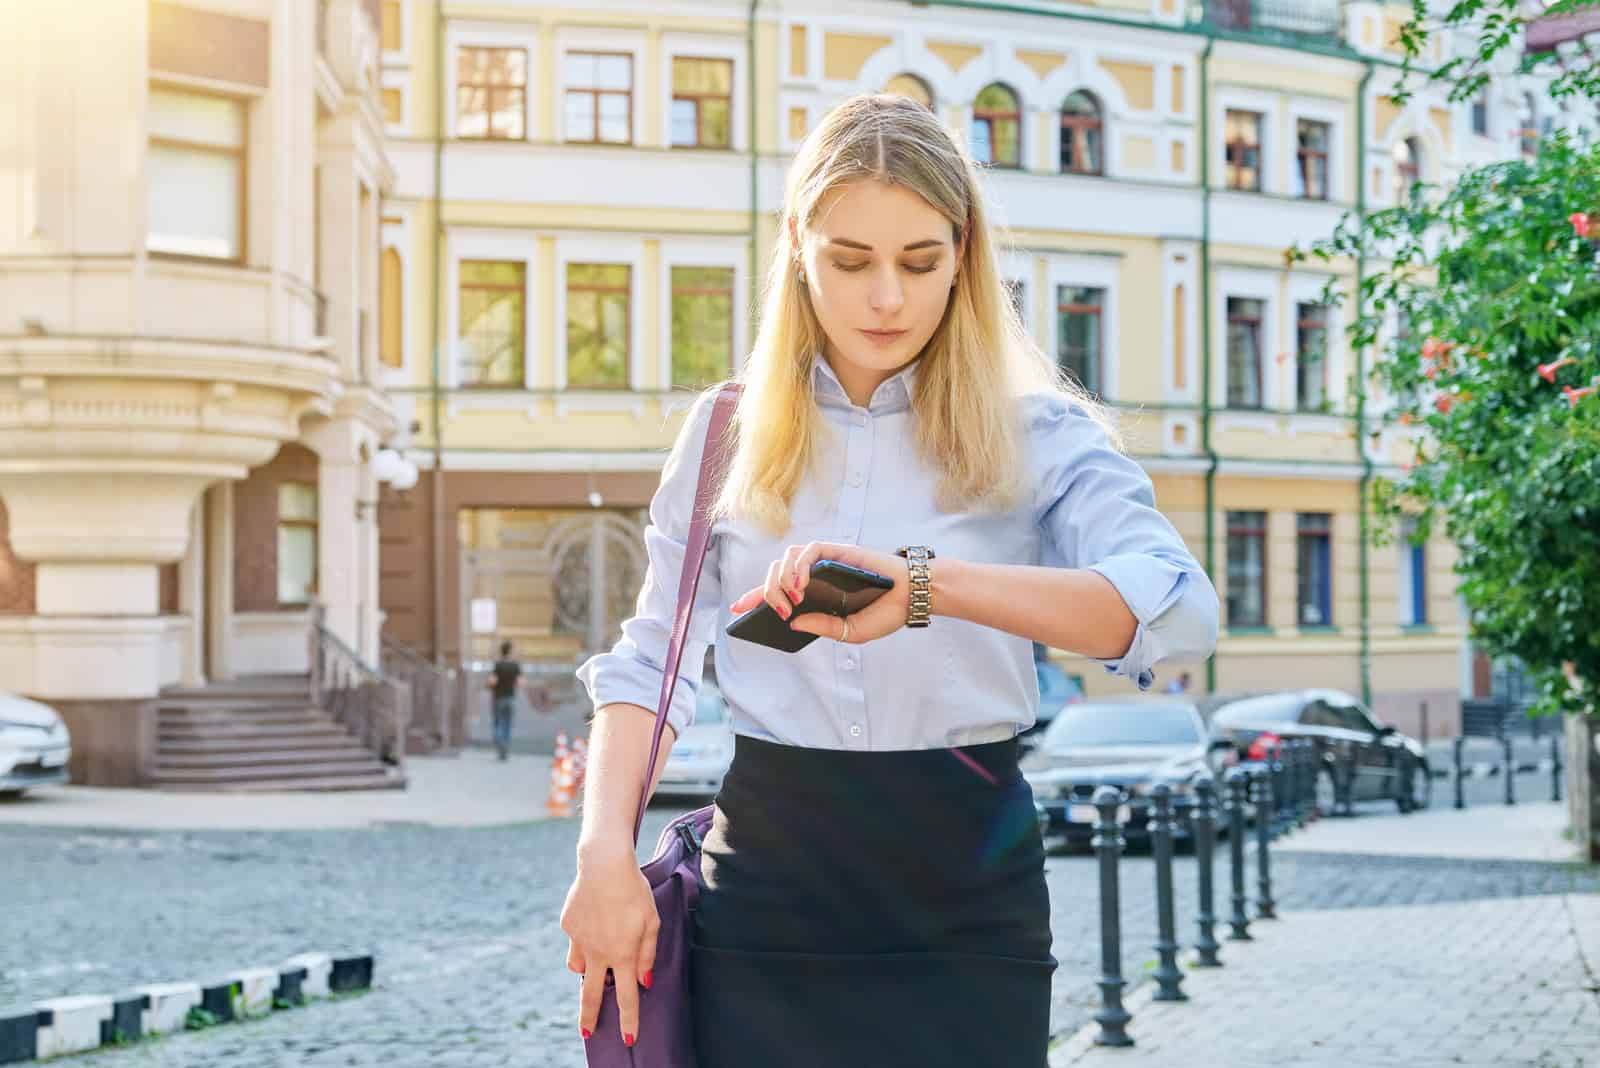 eine blonde Frau geht die Straße entlang und schaut auf ihre Uhr